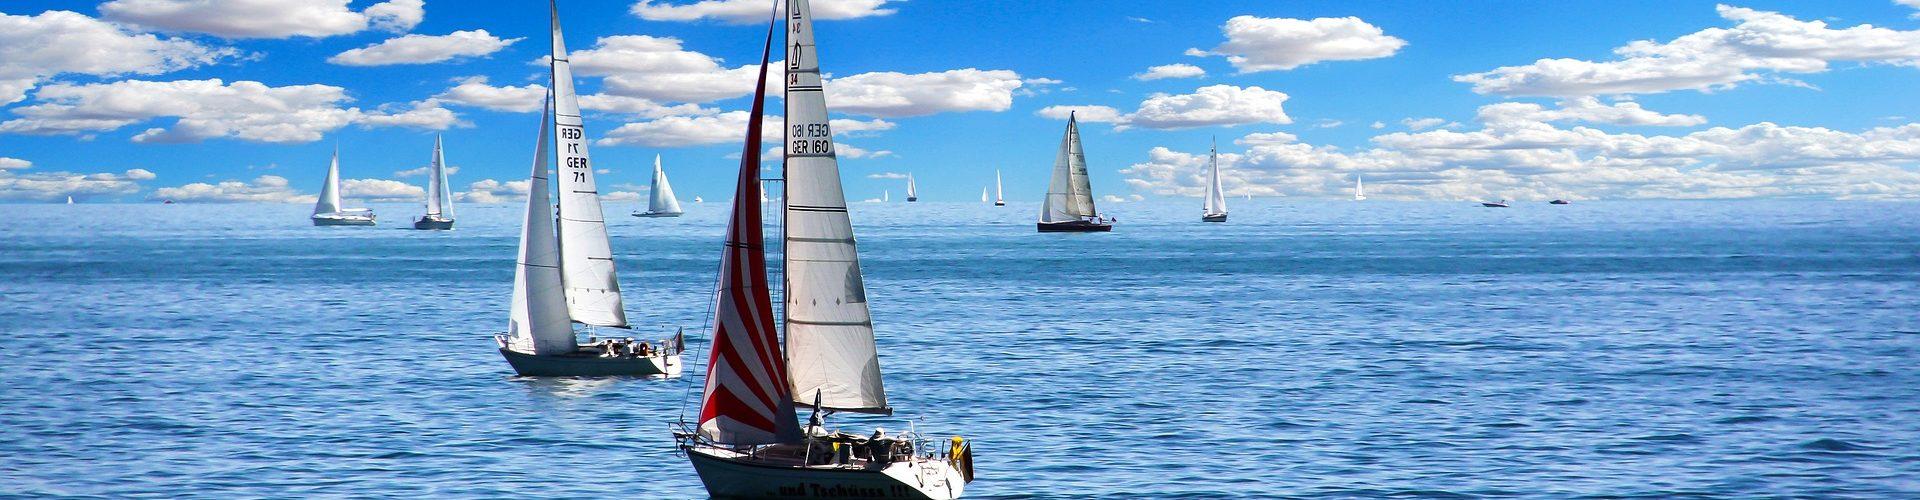 segeln lernen in Buchholz in der Nordheide segelschein machen in Buchholz in der Nordheide 1920x500 - Segeln lernen in Buchholz in der Nordheide